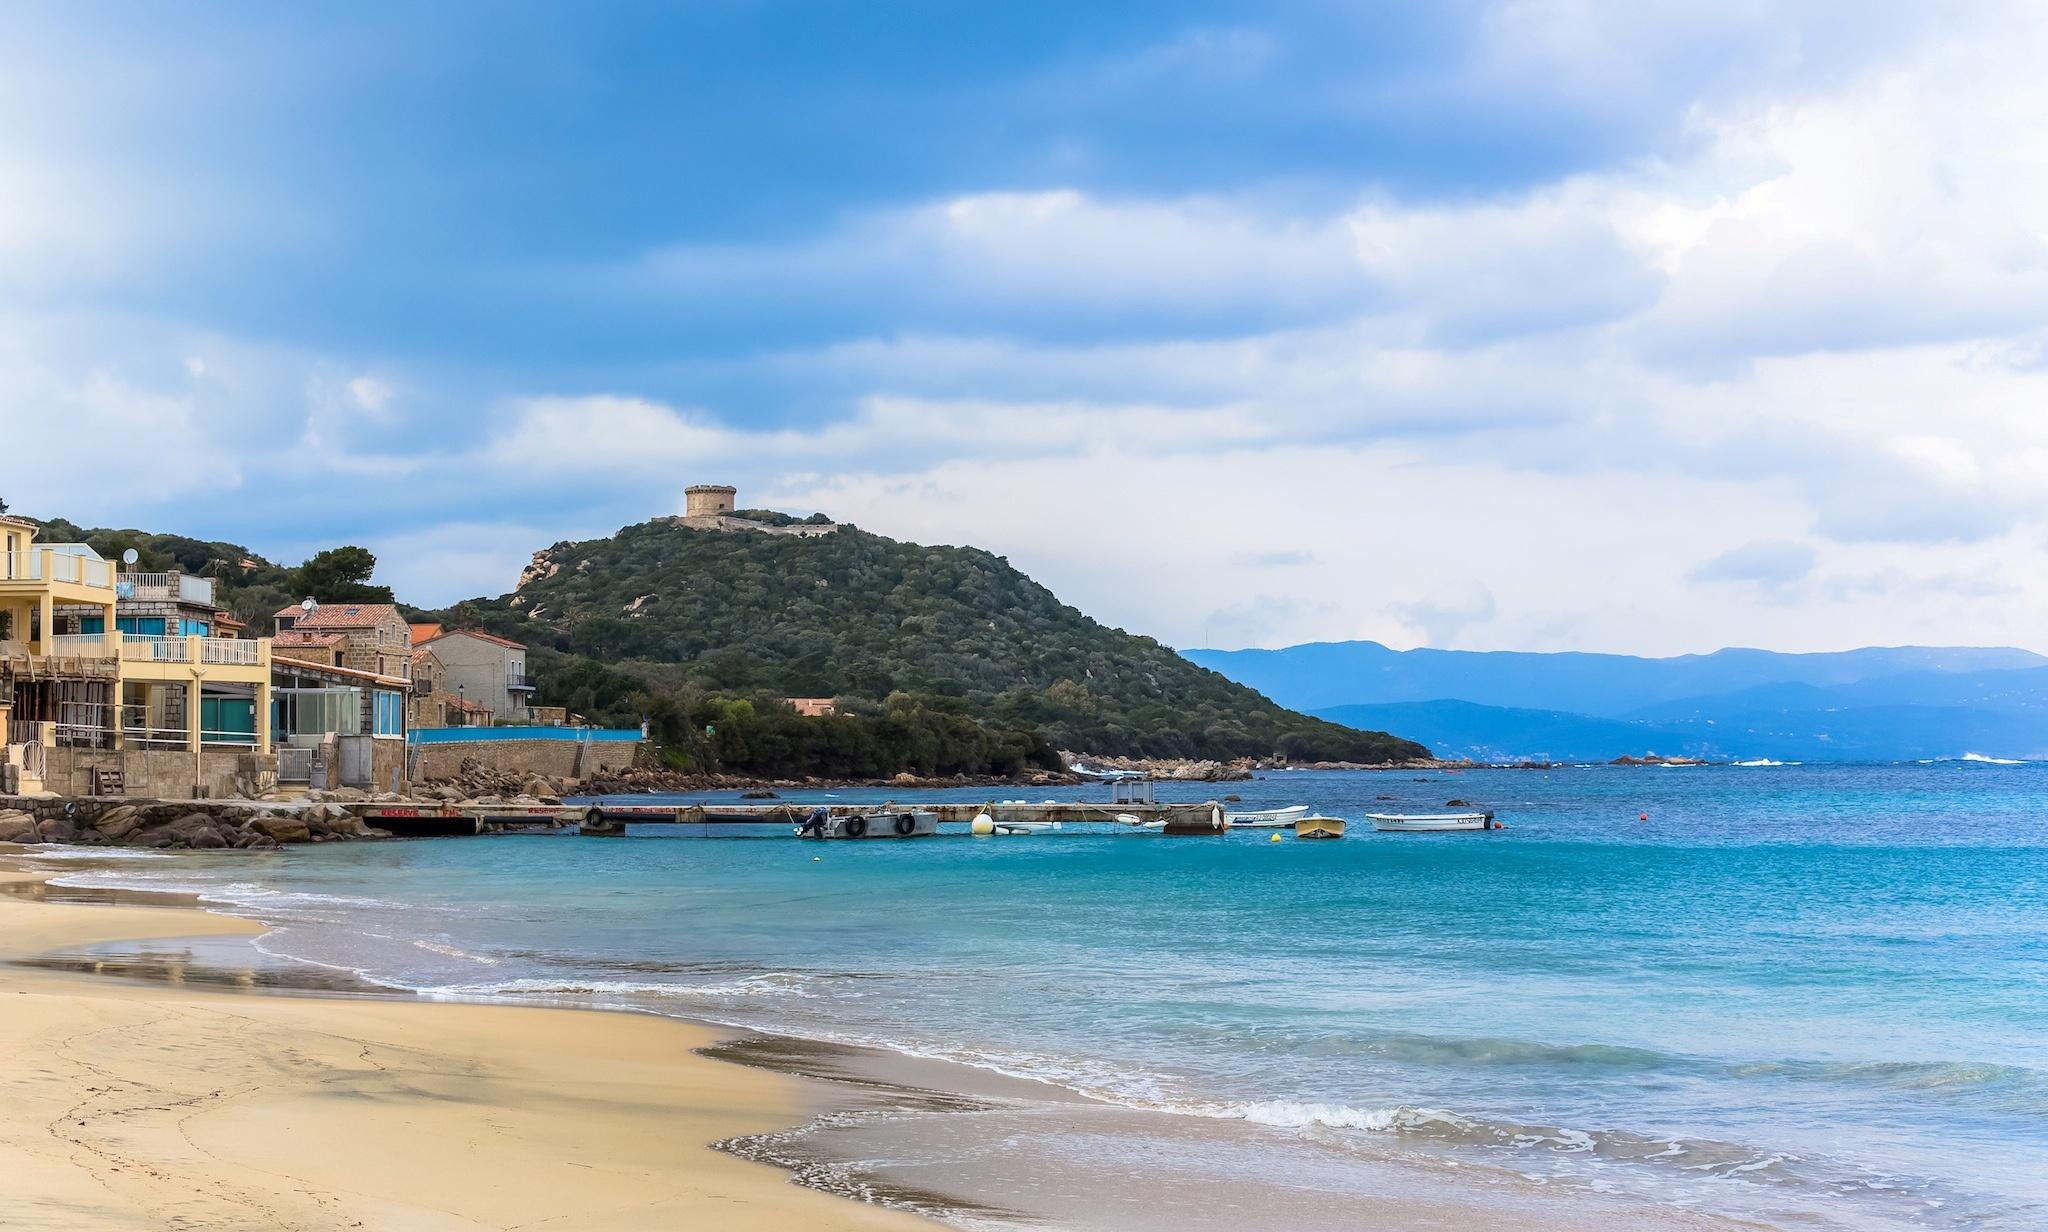 ТОП-11 кращих пляжів Європи для літнього відпочинку - фото 7